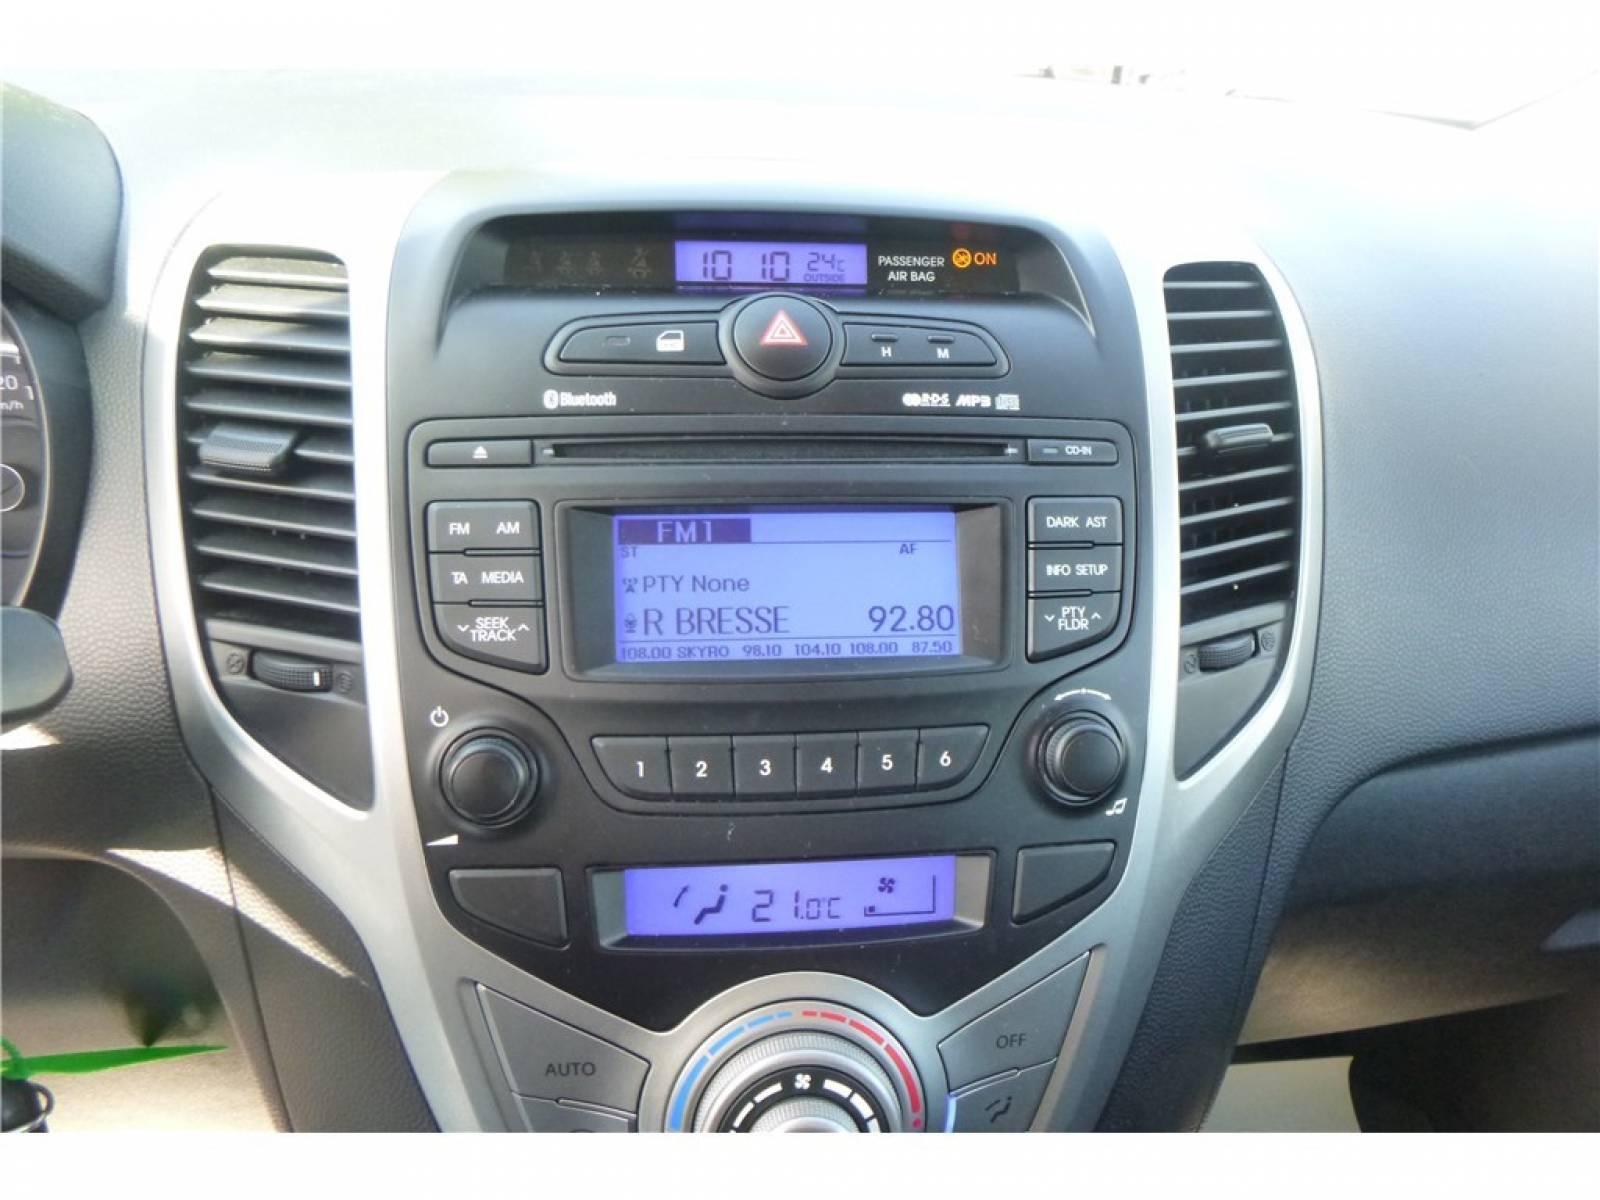 HYUNDAI ix20 1.6 CRDi 115 Blue Drive - véhicule d'occasion - Groupe Guillet - Chalon Automobiles - 71100 - Chalon-sur-Saône - 23